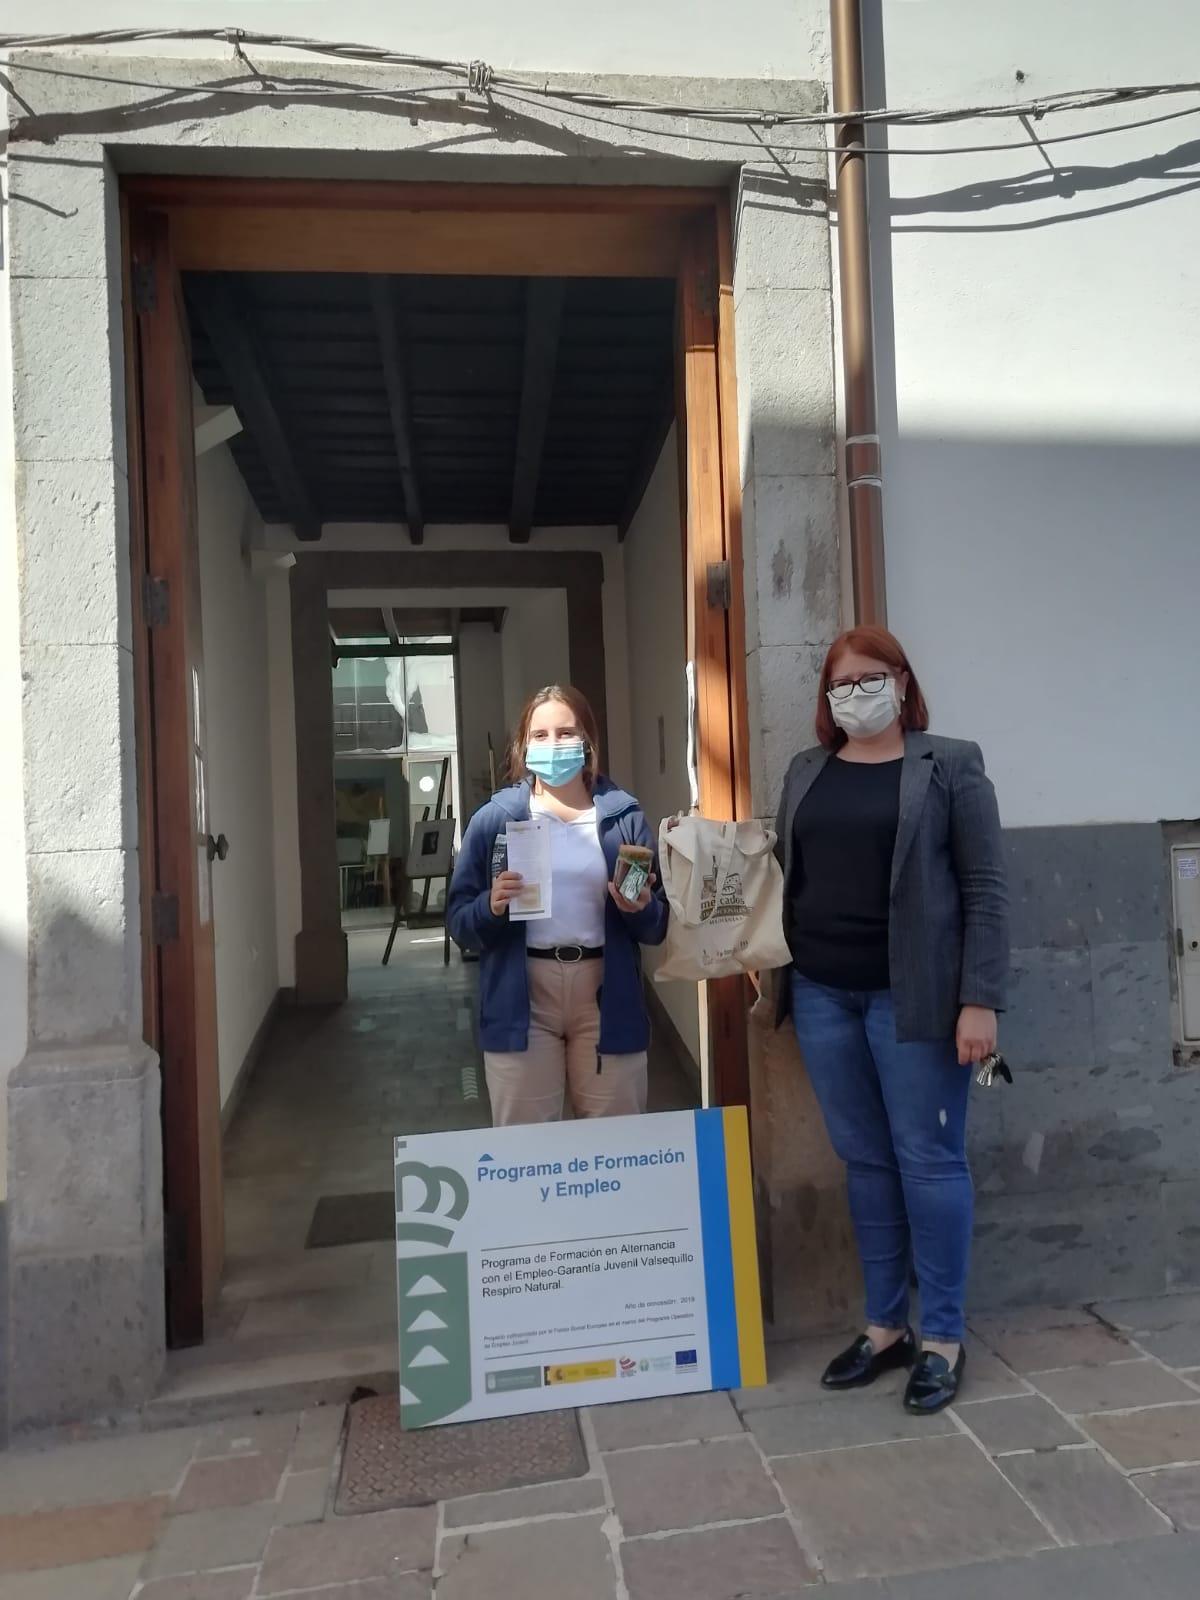 Jóvenes valsequilleros visitan San Mateo en el marco de un programa de formación